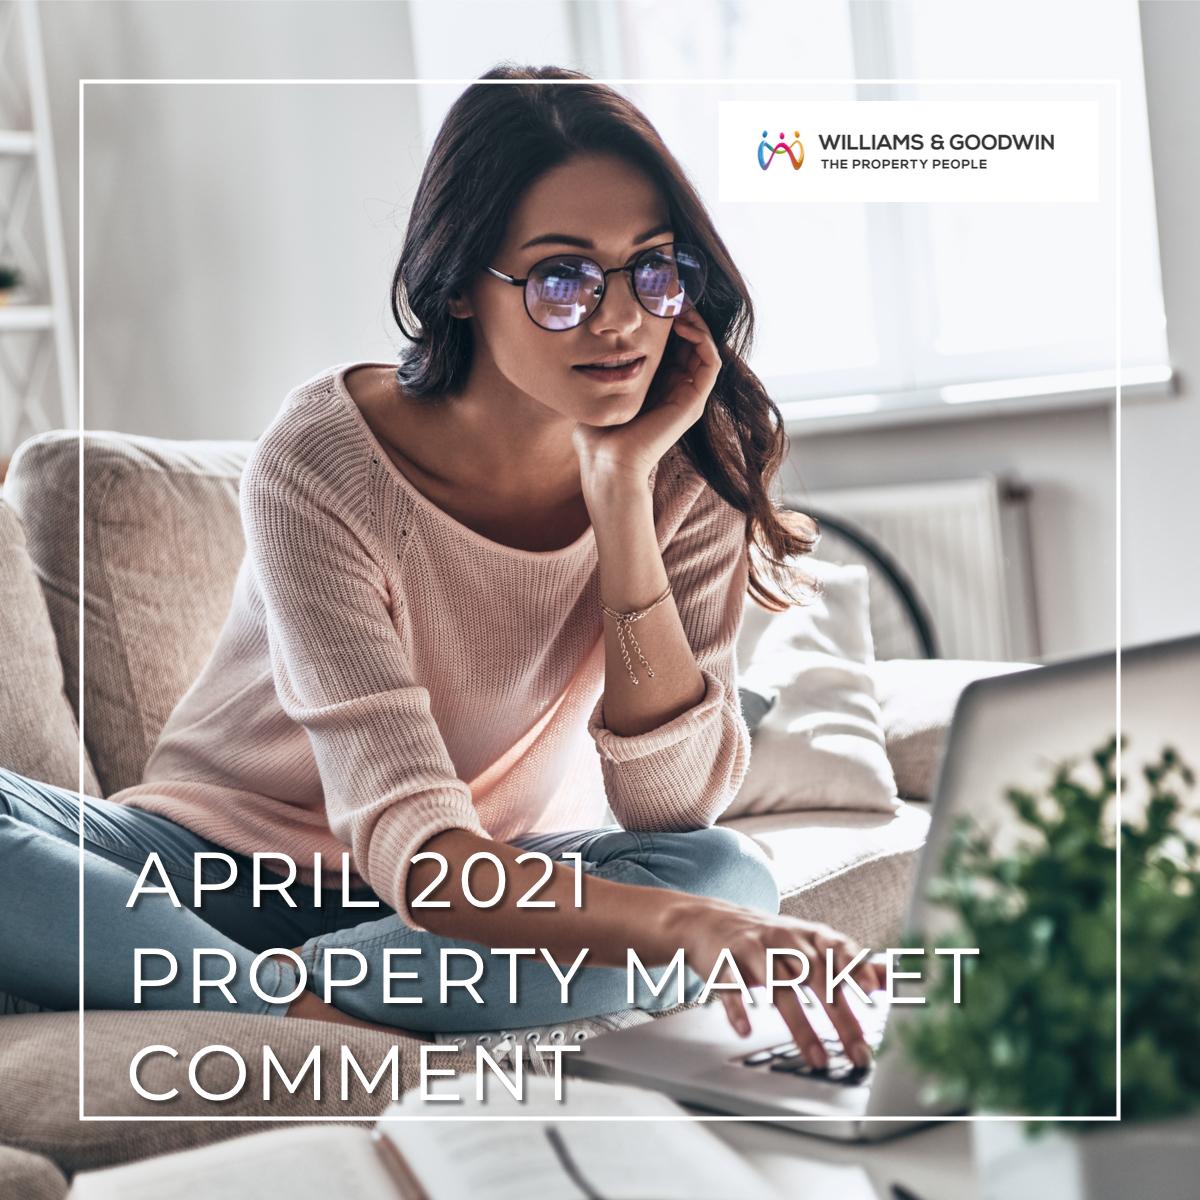 April 2021 Property Market Comment